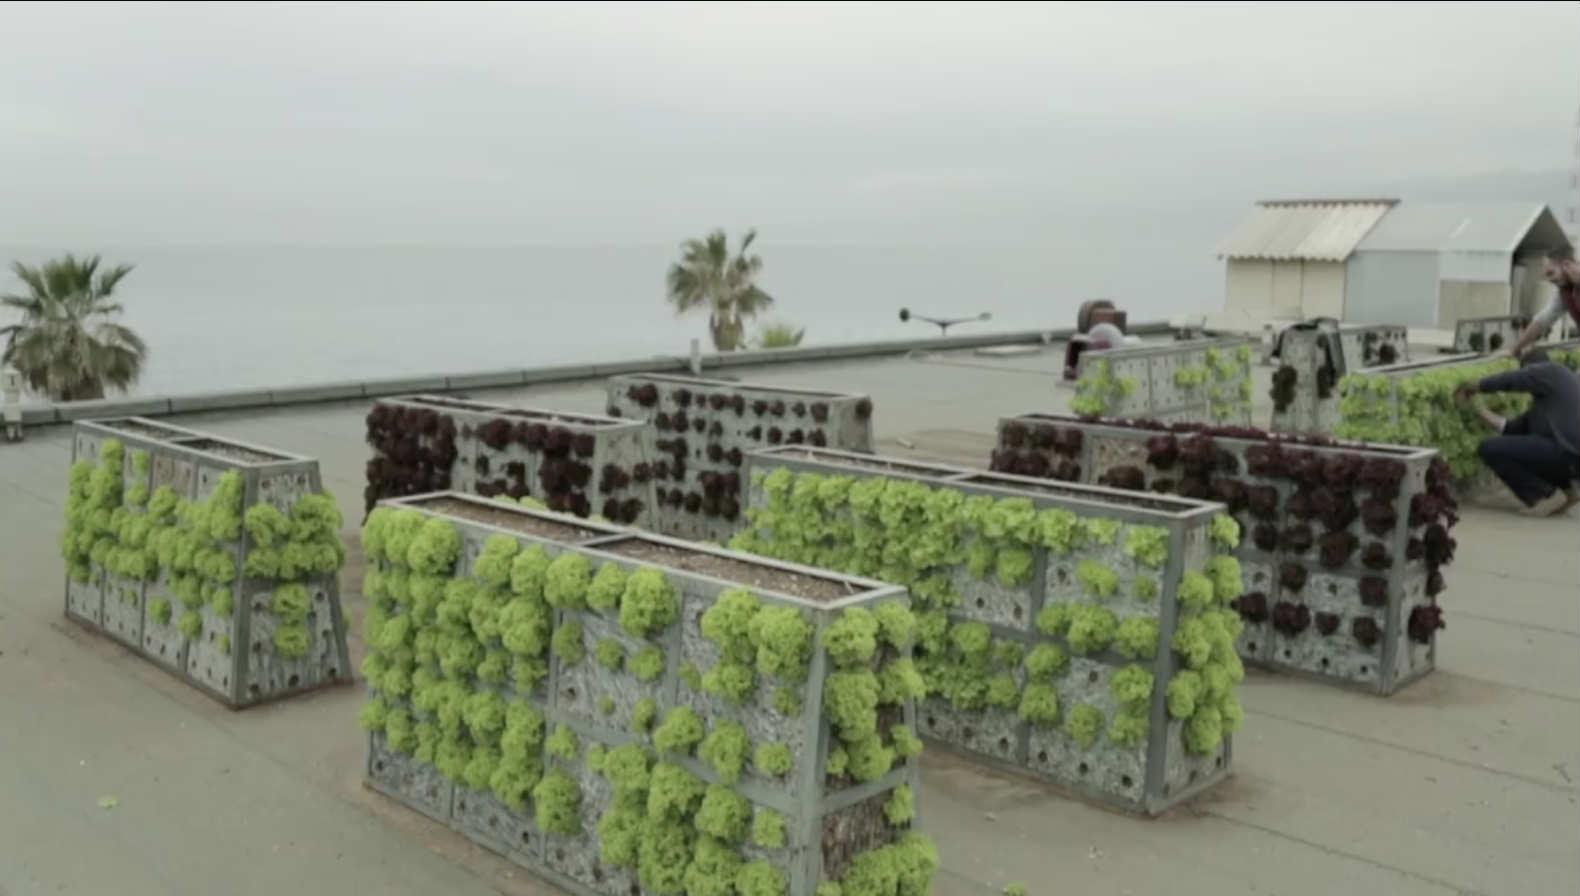 Beirut Planting Roofs Blog Baladi